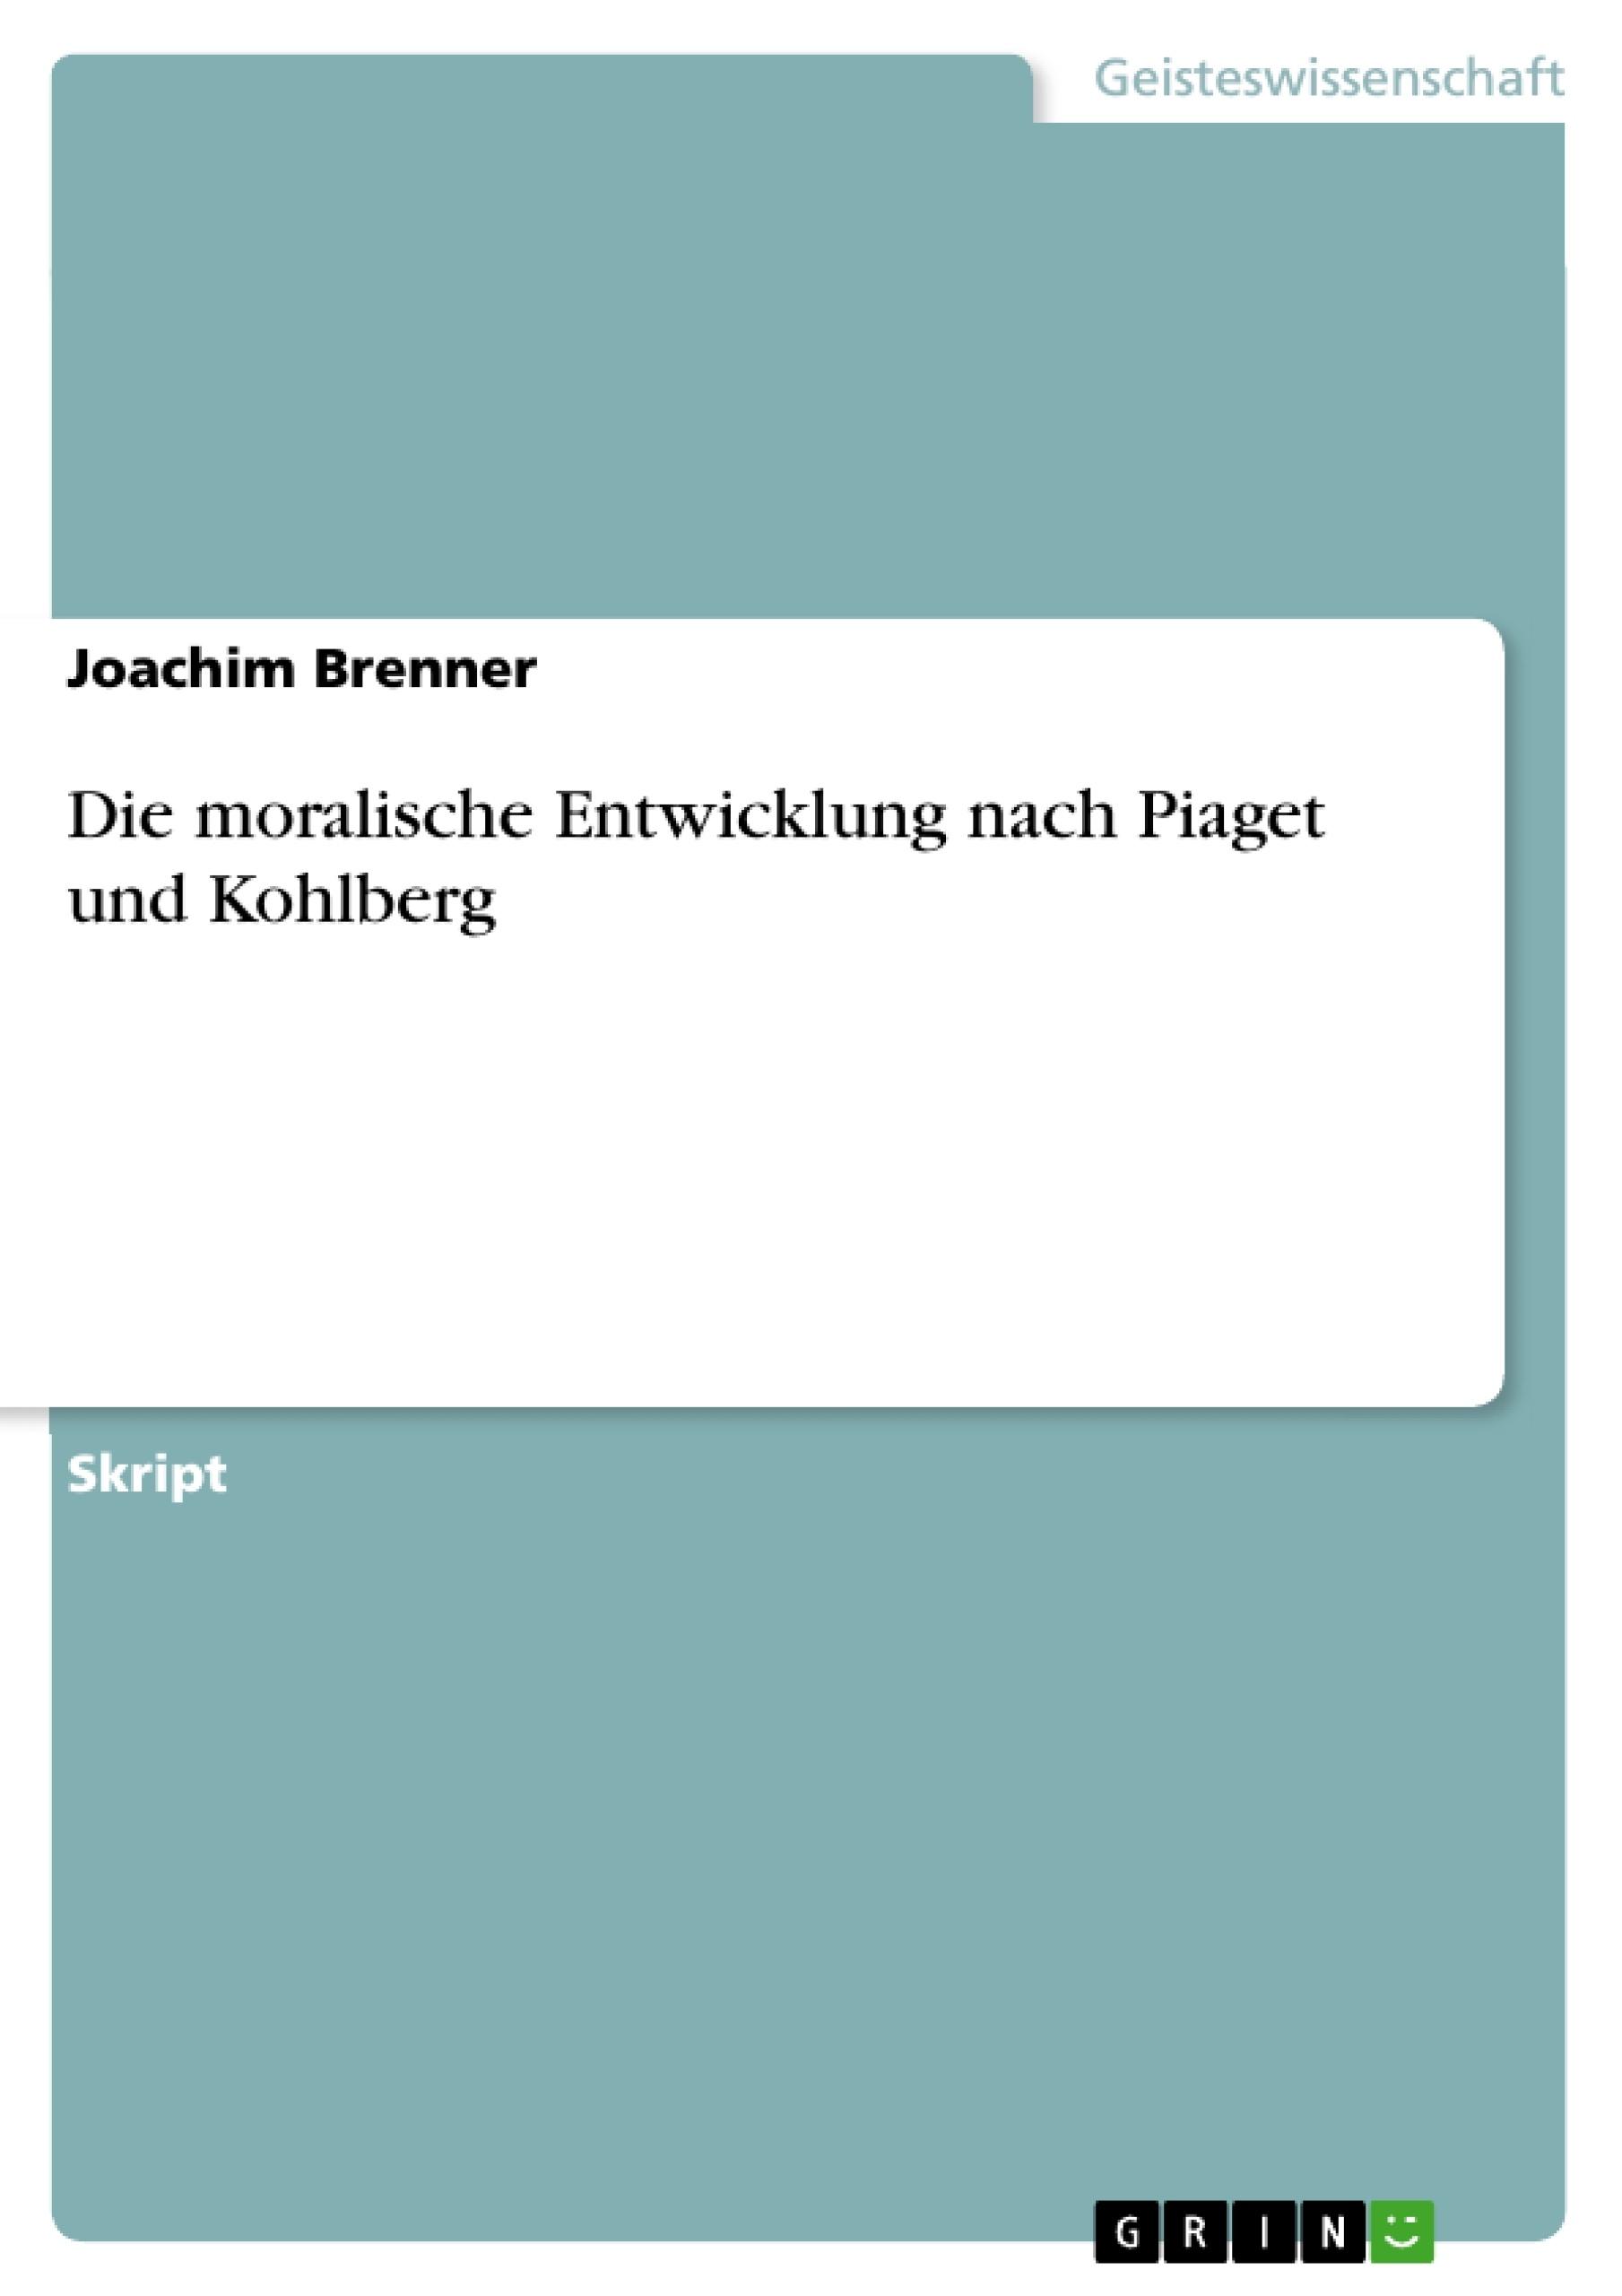 Titel: Die moralische Entwicklung nach Piaget und Kohlberg